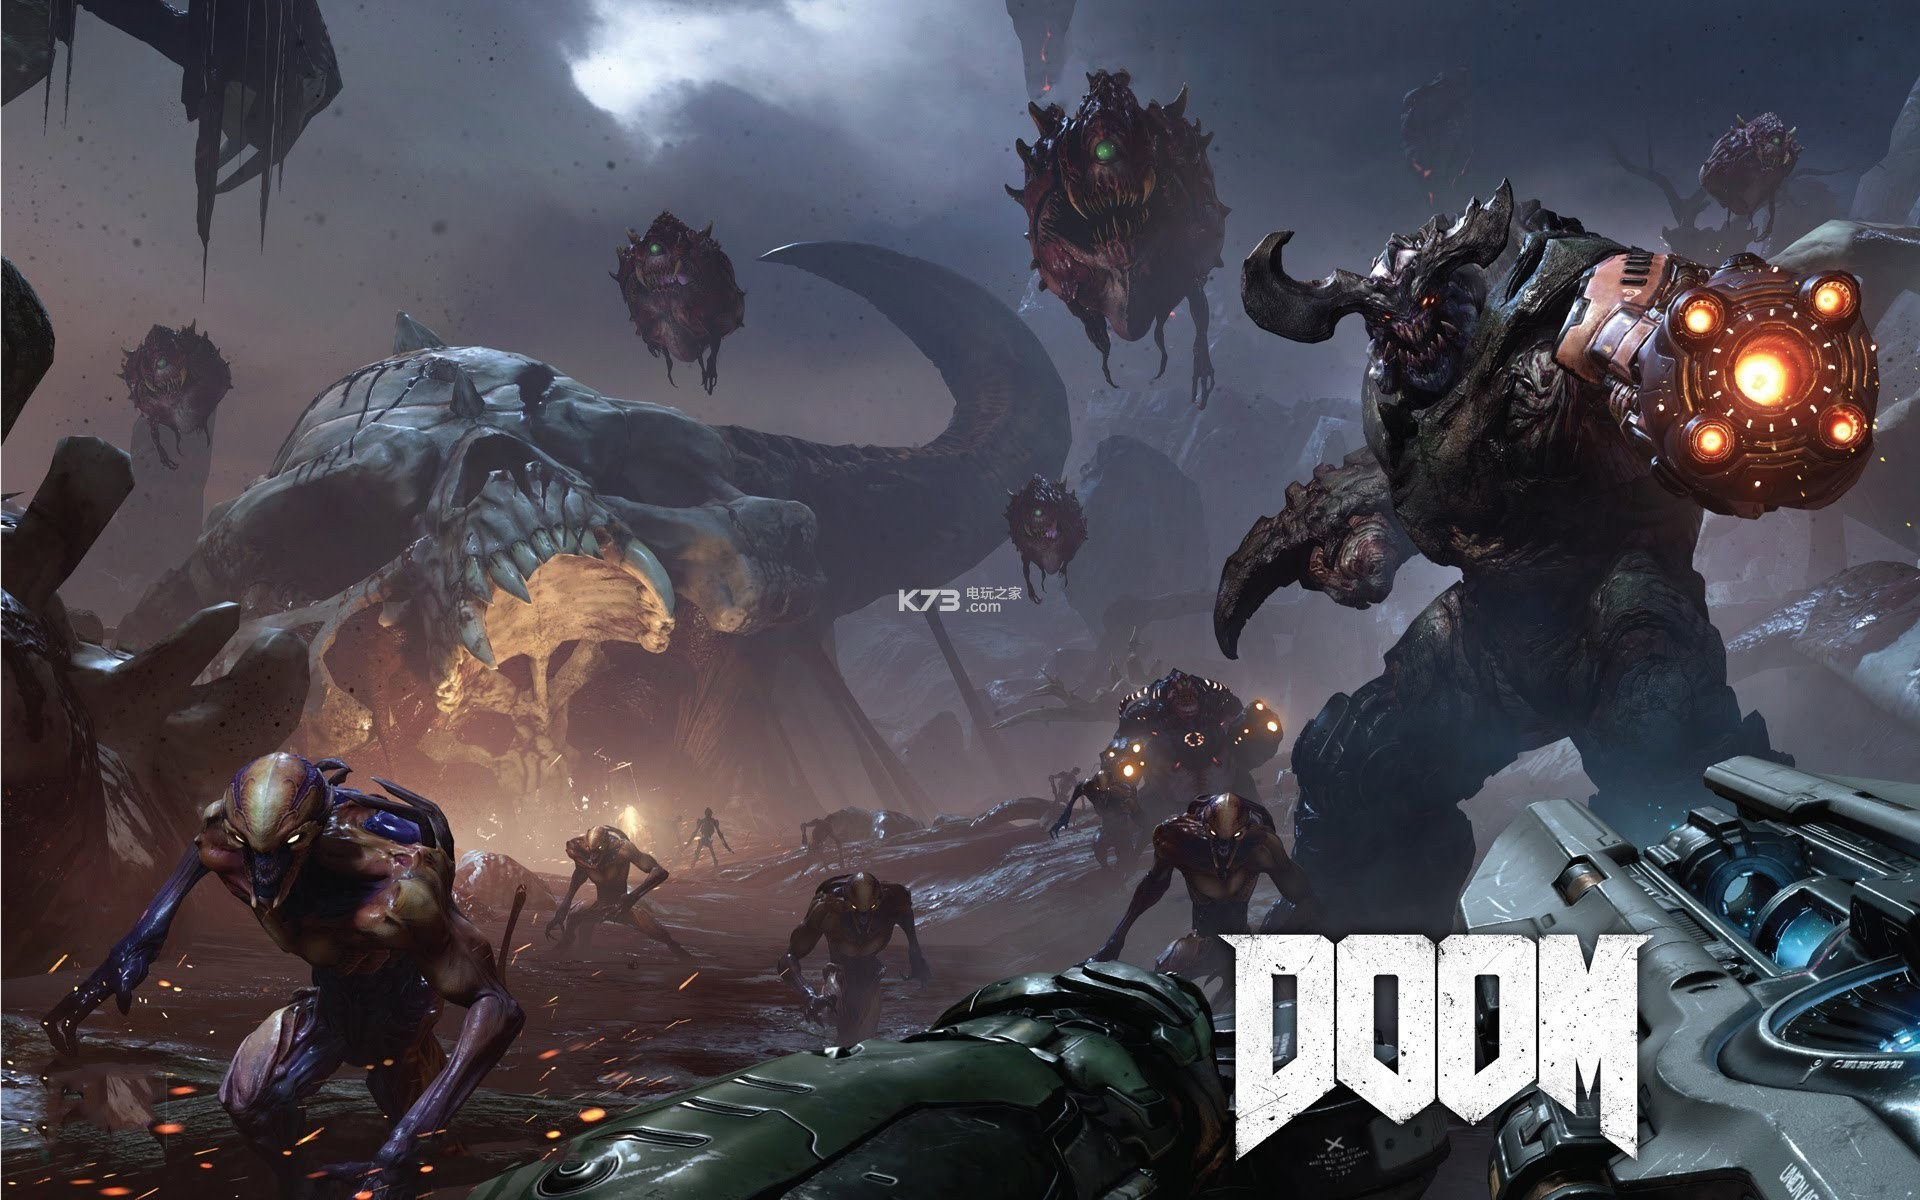 《毁灭战士doom》Switch版大小公布 30帧 720p